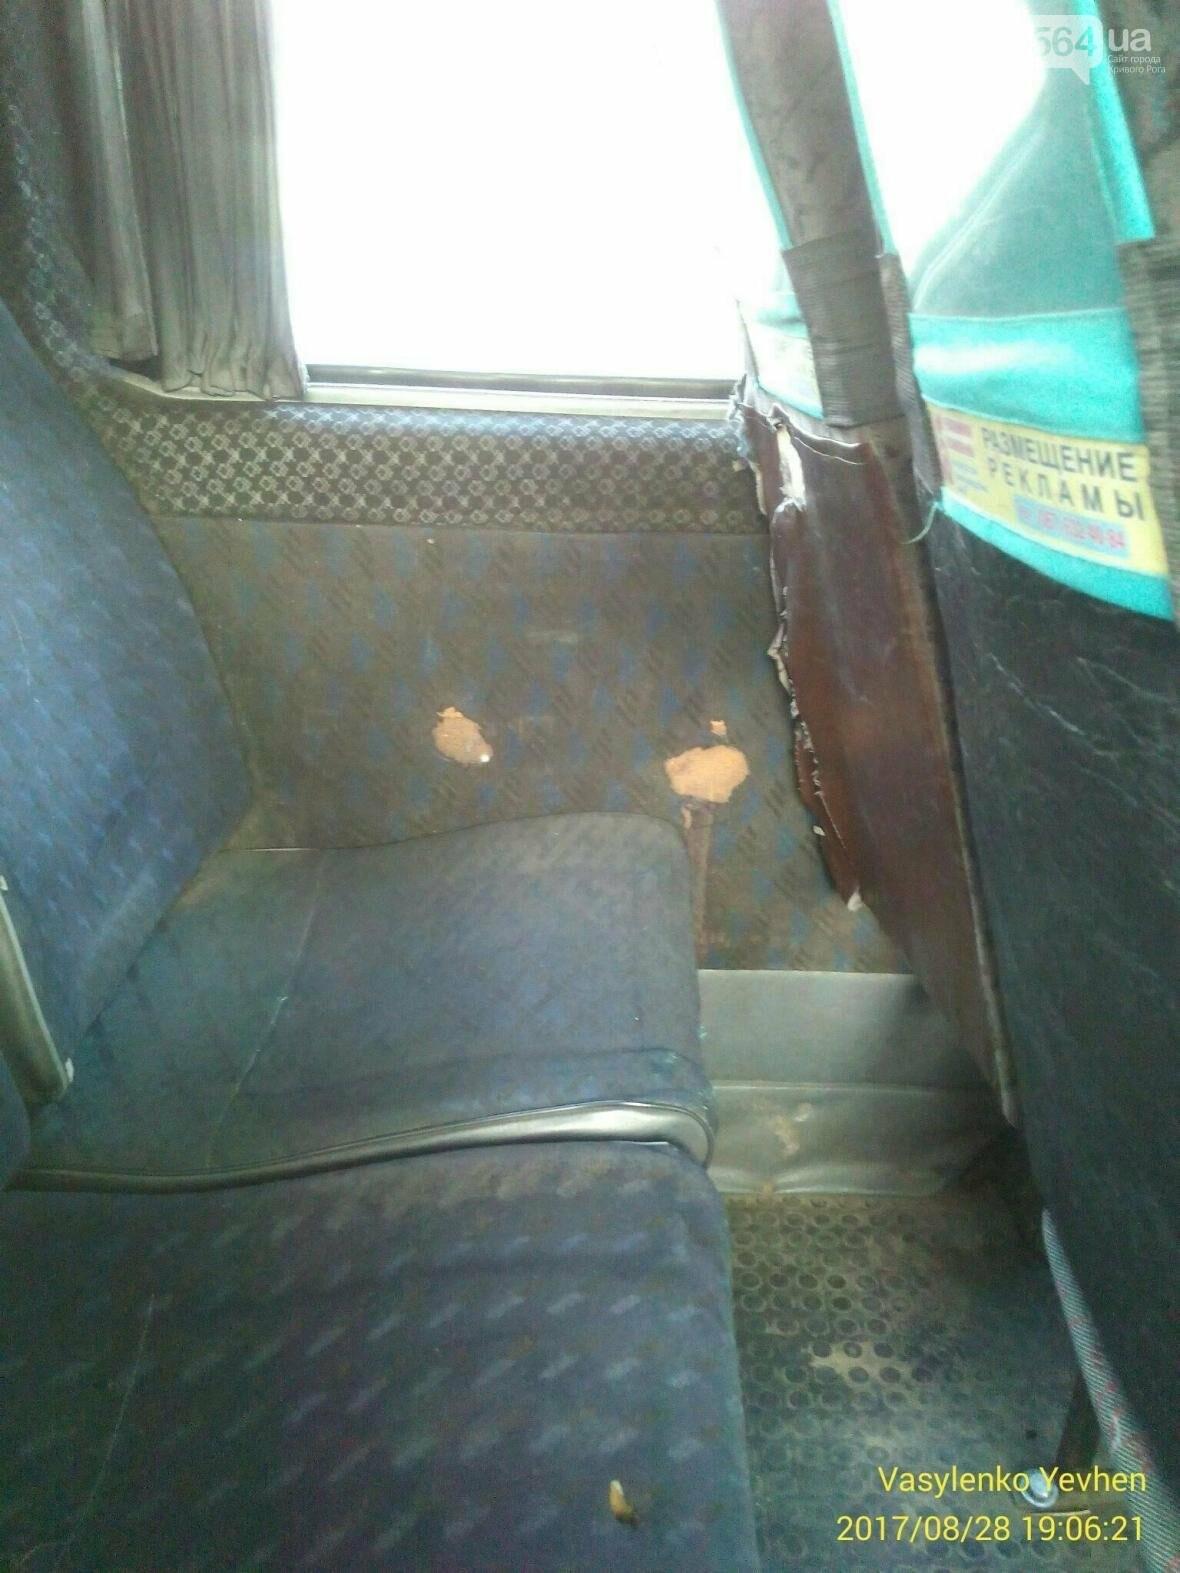 Сиденья сломаны, колеса отваливаются, воздуха нет - какие маршрутки перевозят криворожан (ФОТО), фото-2